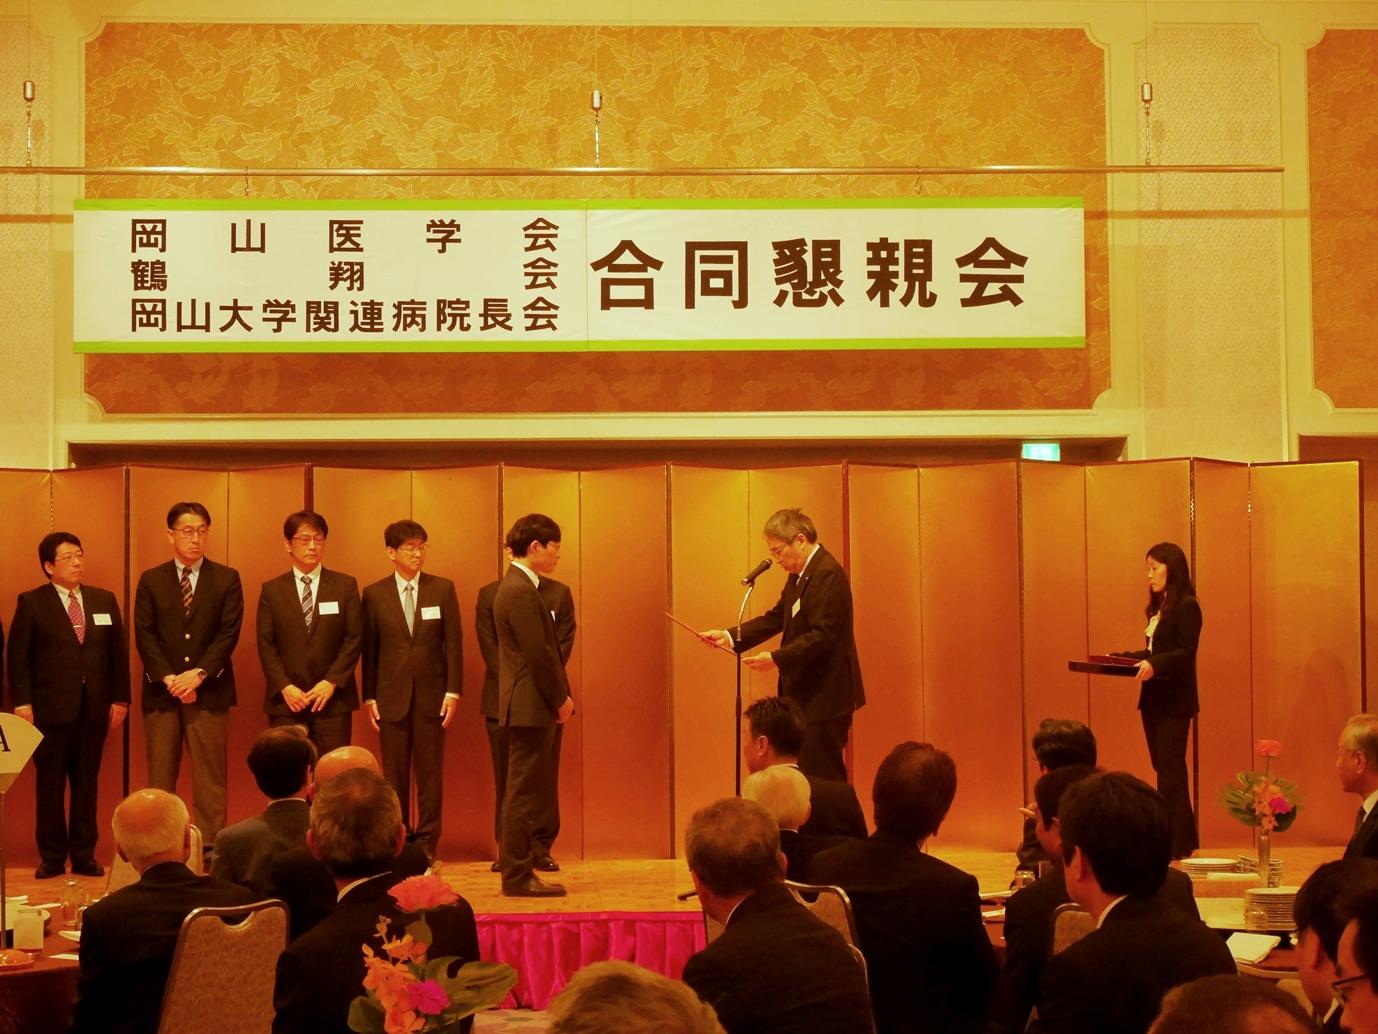 岡山医学会賞授賞式(堀田勝幸先生)